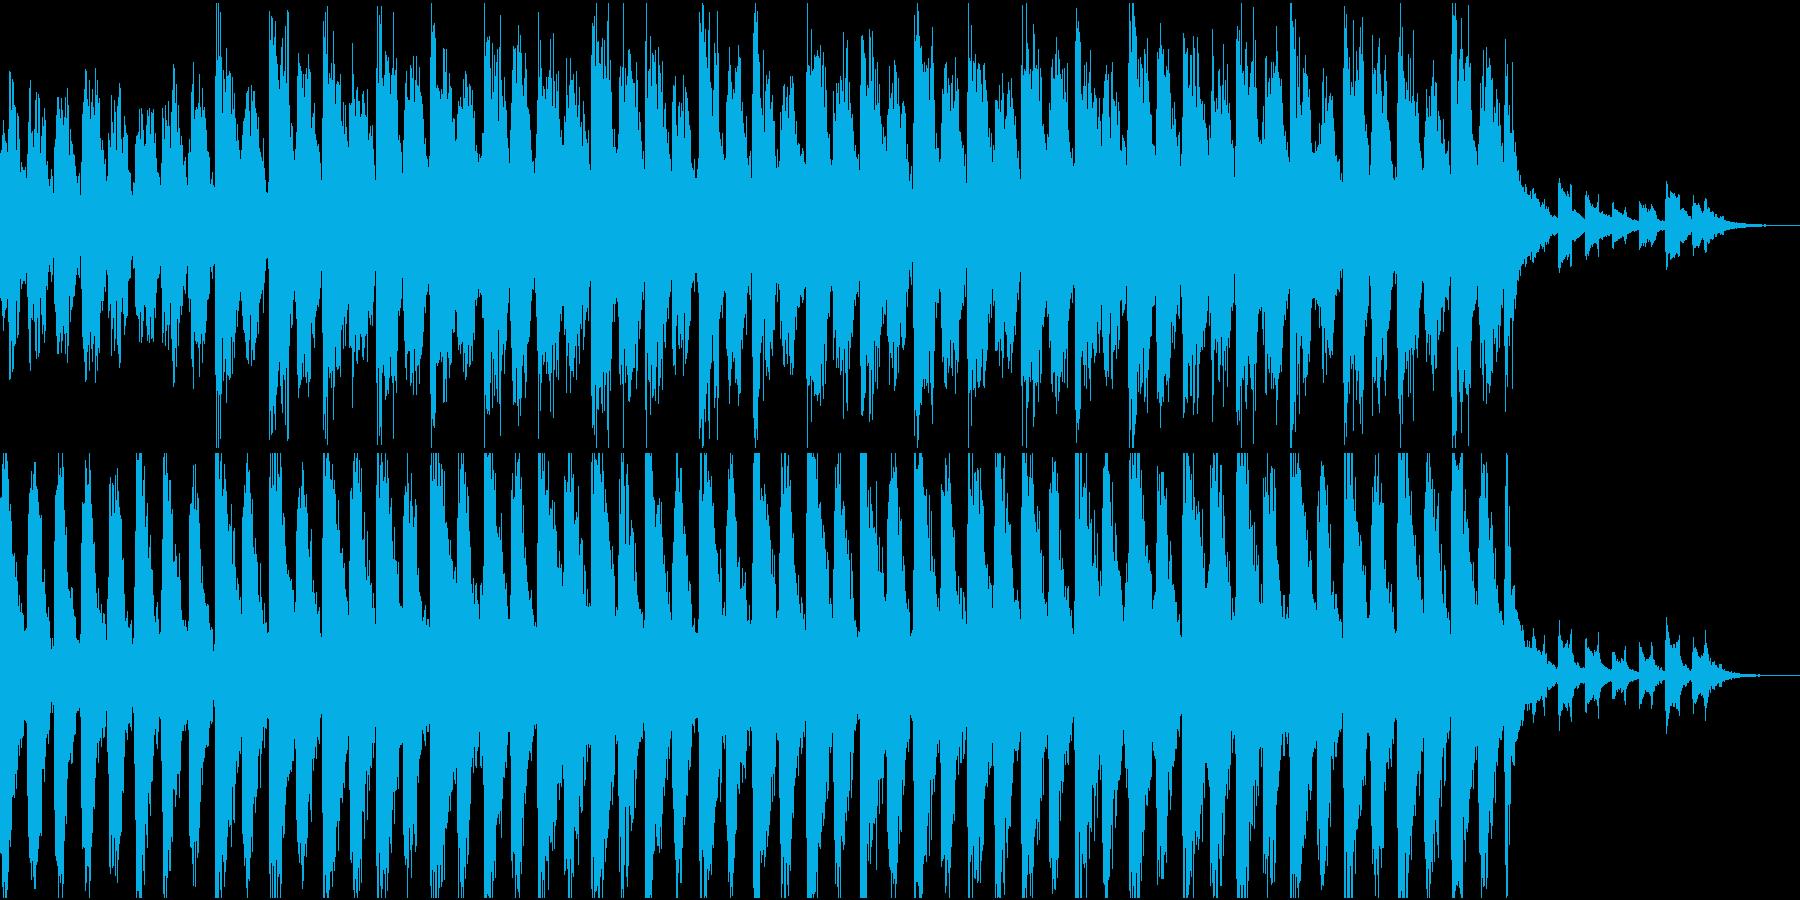 文明崩壊後の世界に一人残された系のBGMの再生済みの波形